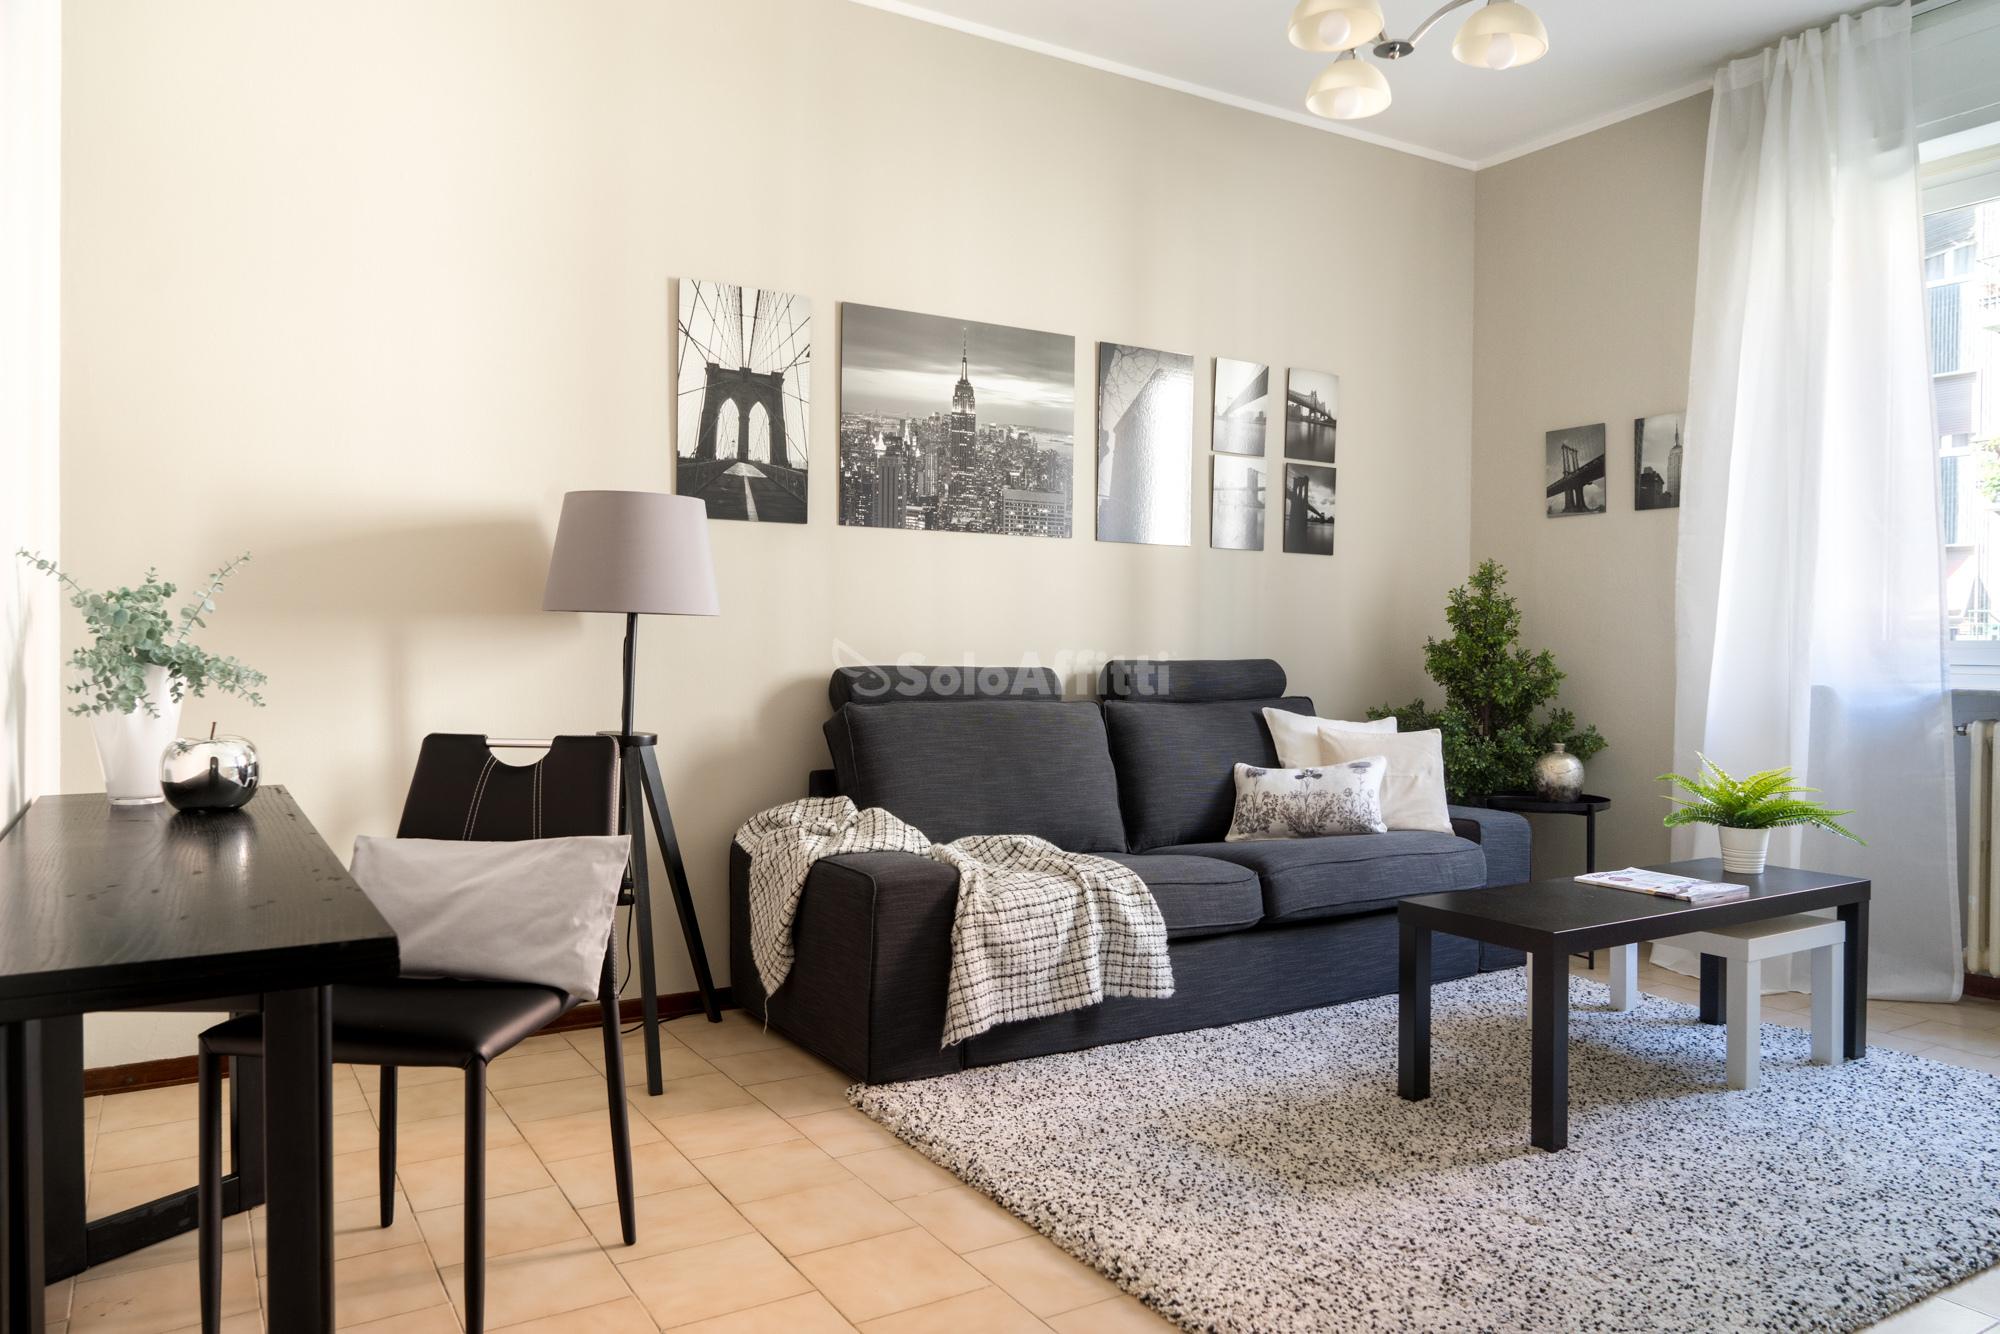 Affitto appartamento bilocale arredato 65 mq for Affitto bilocale arredato